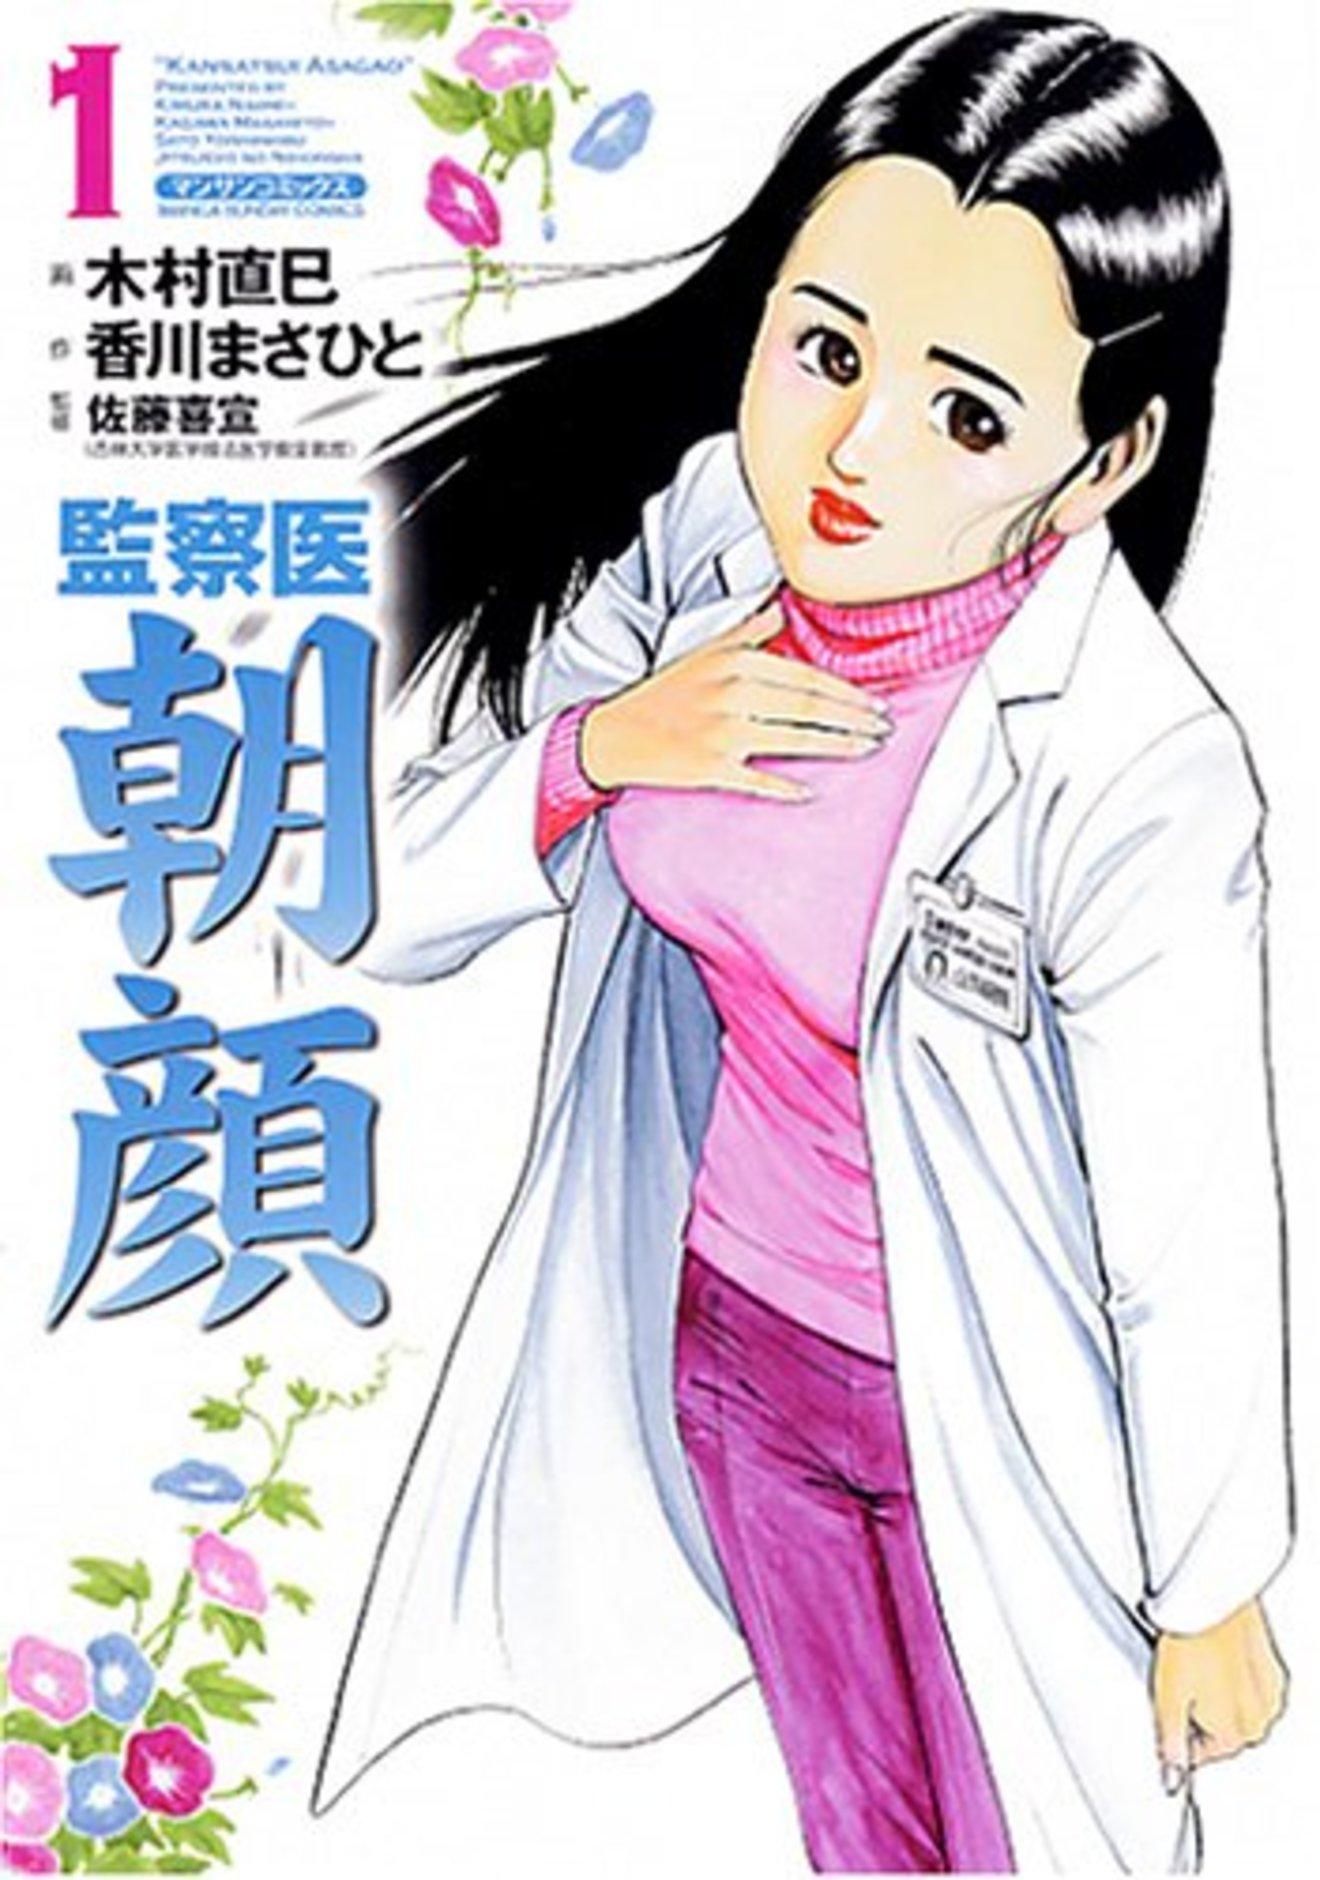 漫画『監察医朝顔』5つの見所ネタバレ!ドラマ化原作が面白い!登場人物も…